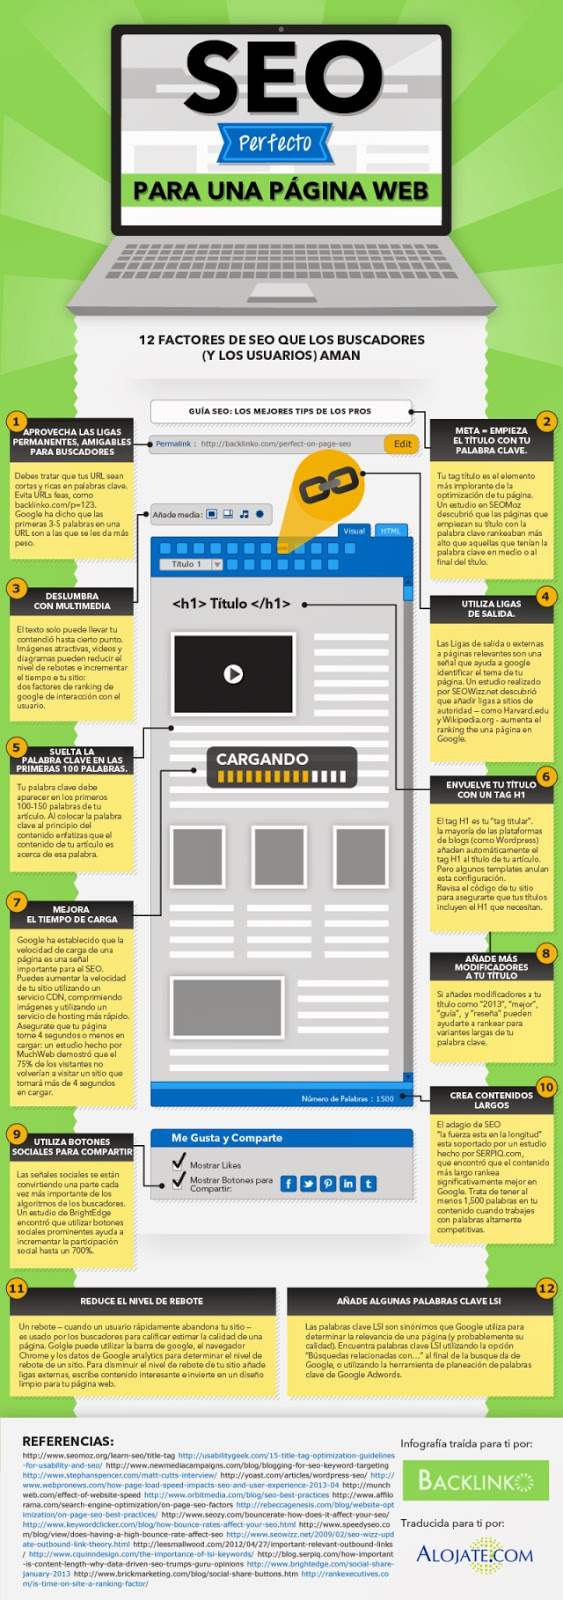 infografia_seo_perfecto_para_una_pagina_web